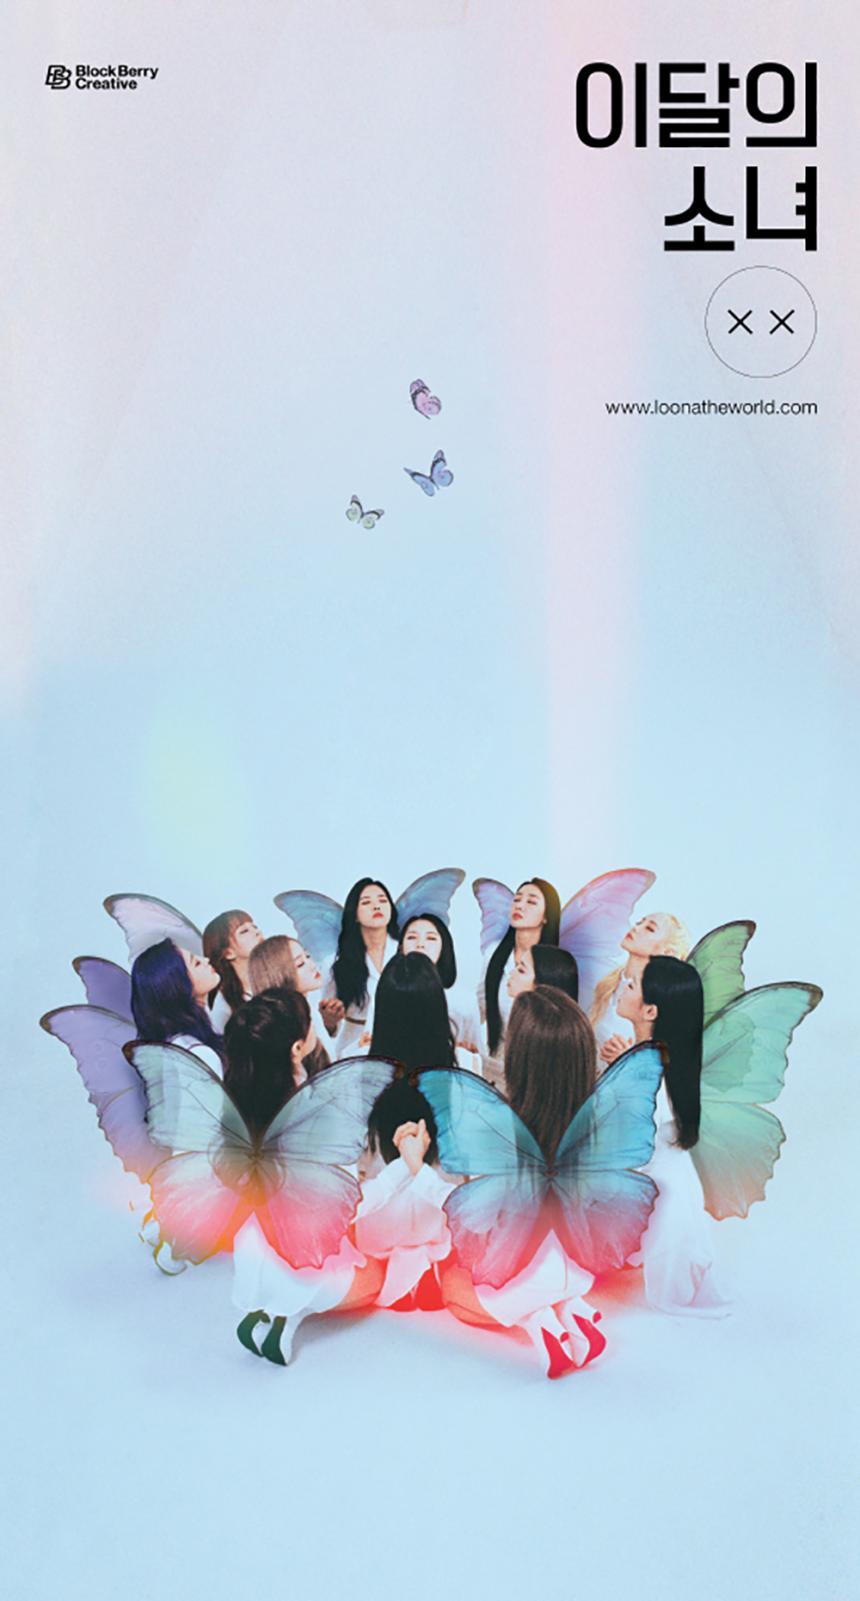 이달의 소녀 단체 이미지 / 블록베리크리에이티브